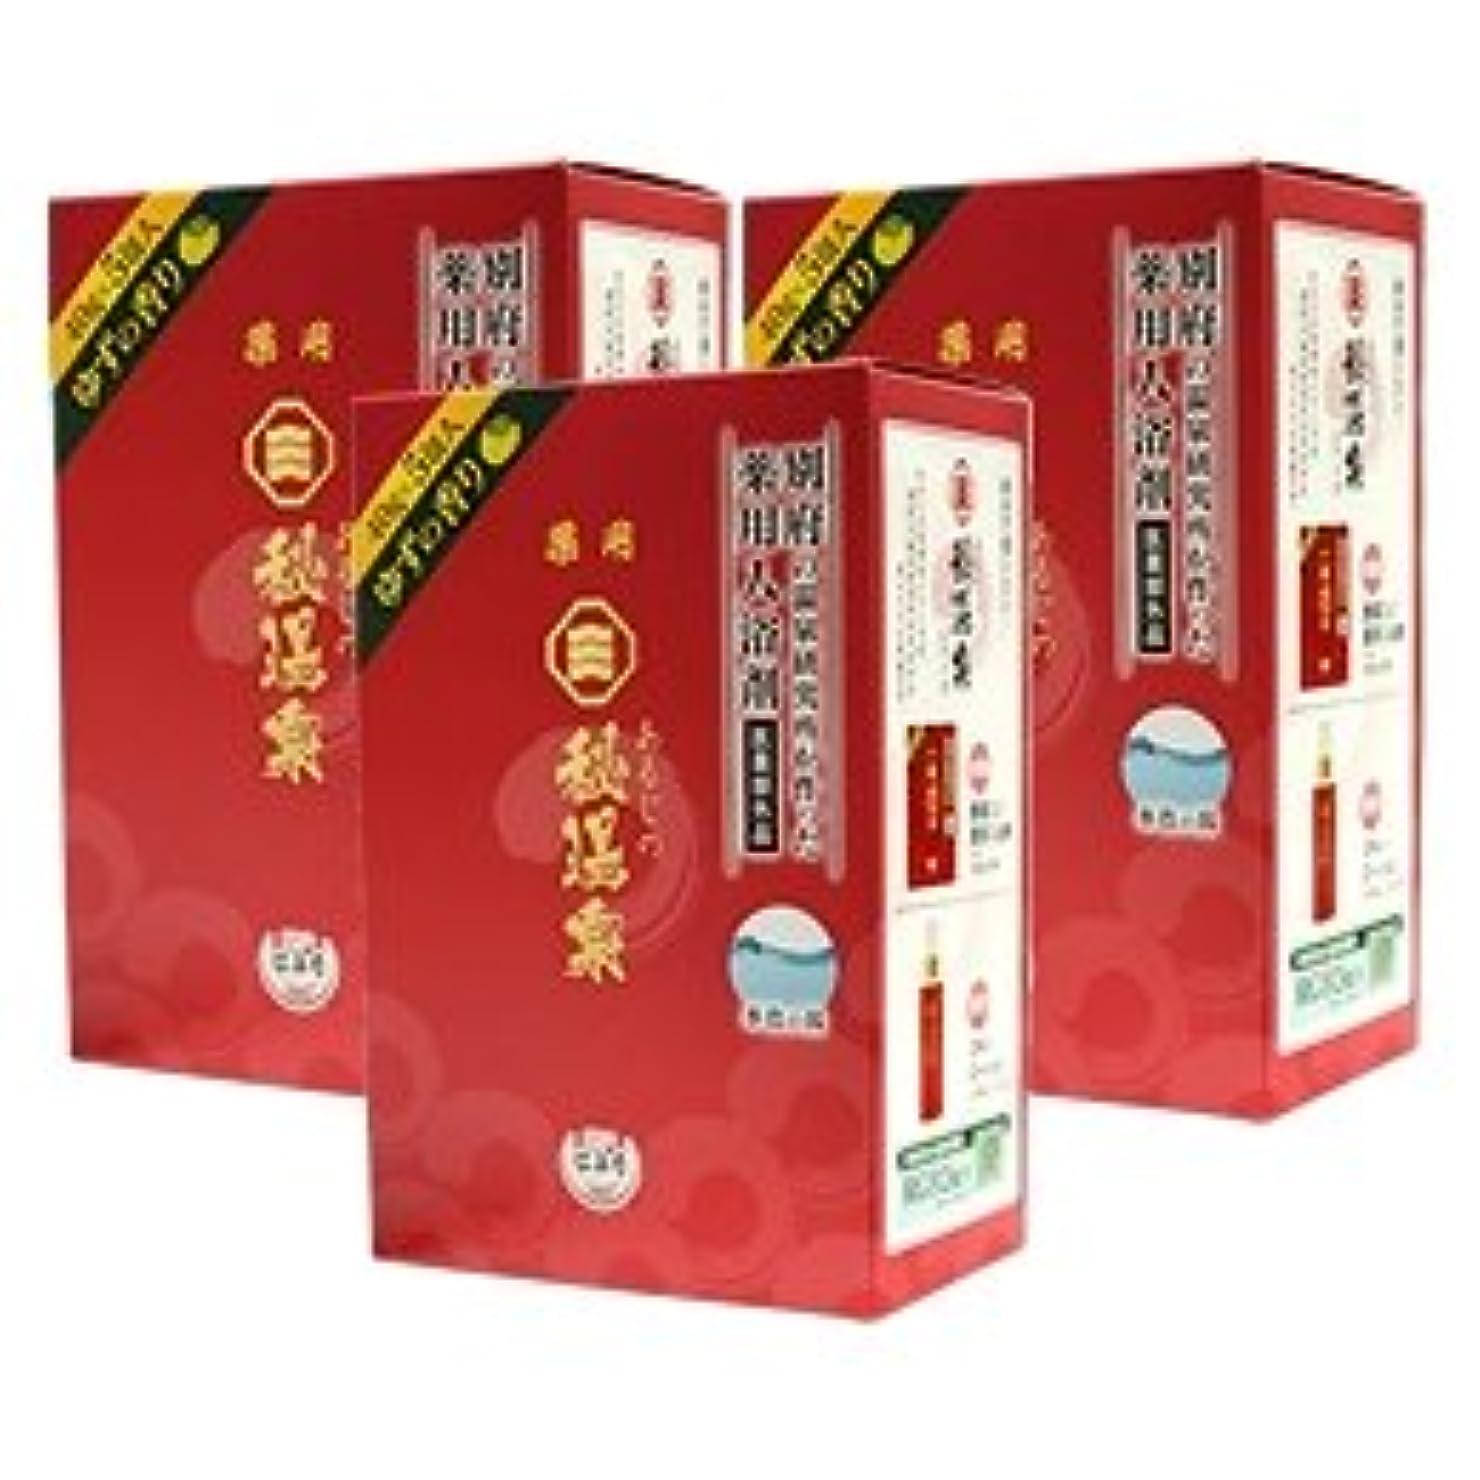 偏見聖書ホット薬用入浴剤 あるじの秘湯泉 ×3箱(1箱5包入り)セット